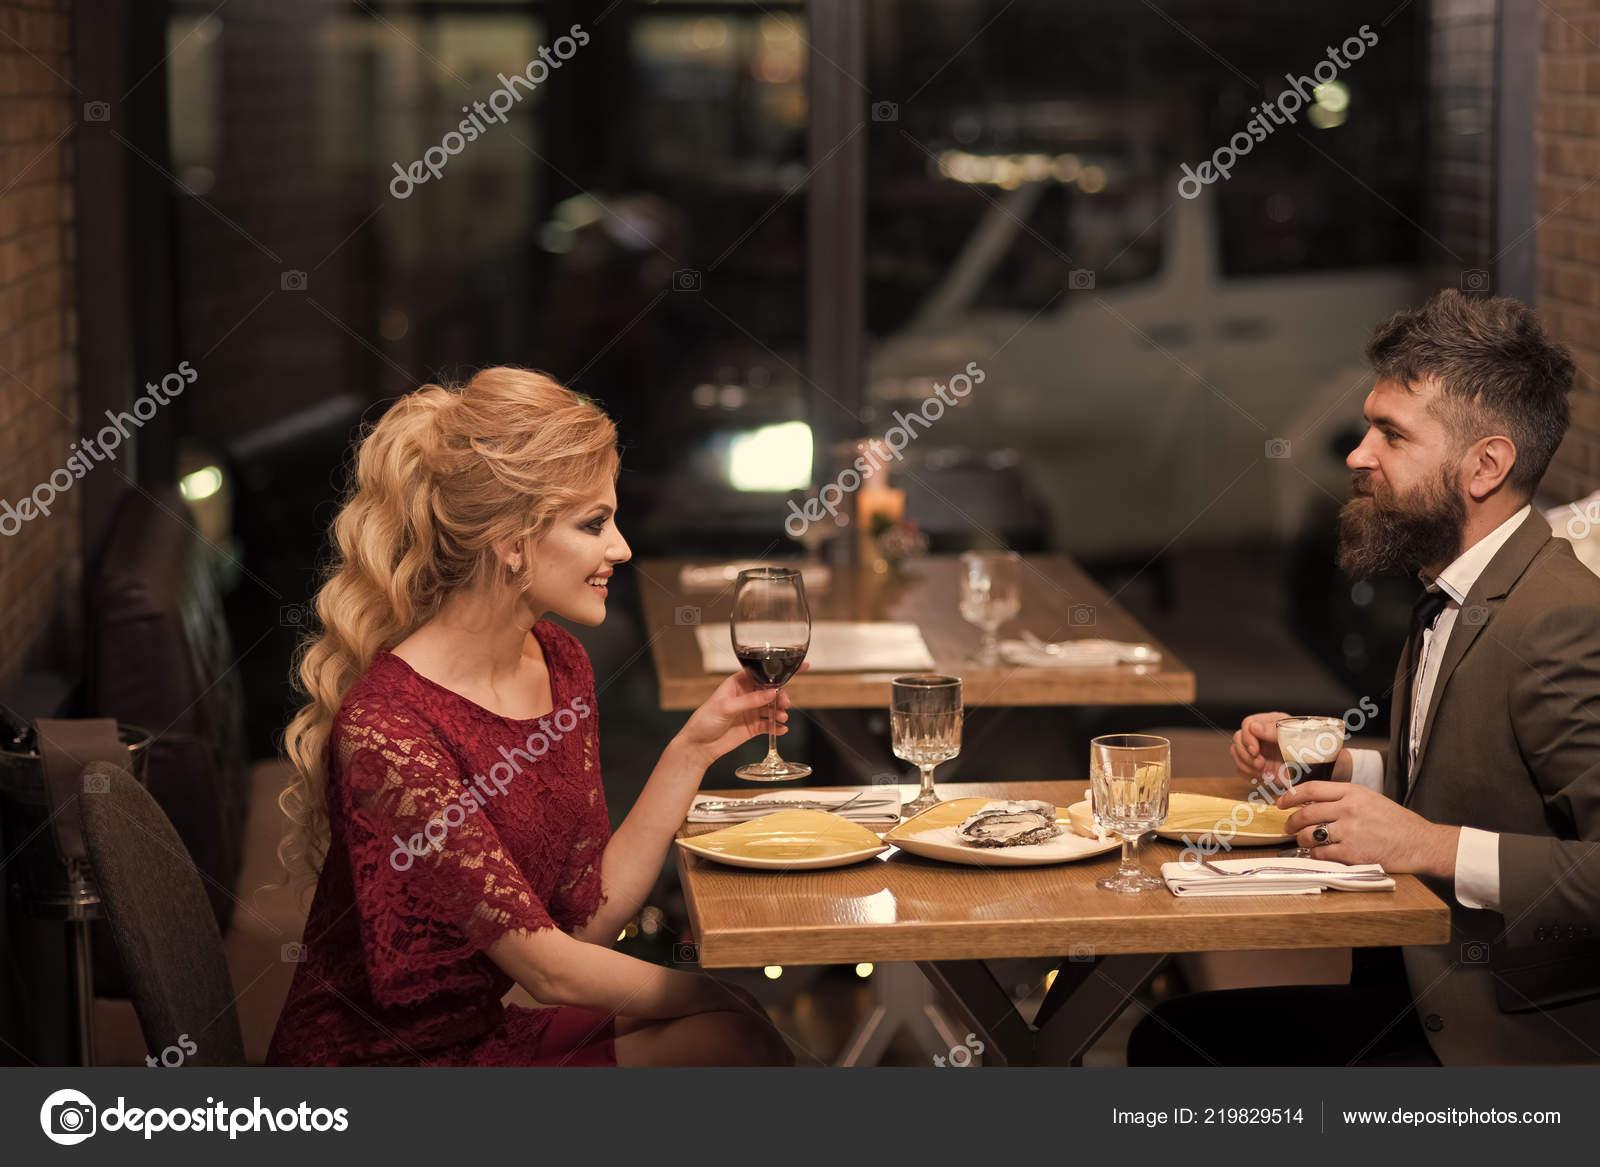 zakelijke vrouw dating matchmaking bedrijf Verenigd Koninkrijk